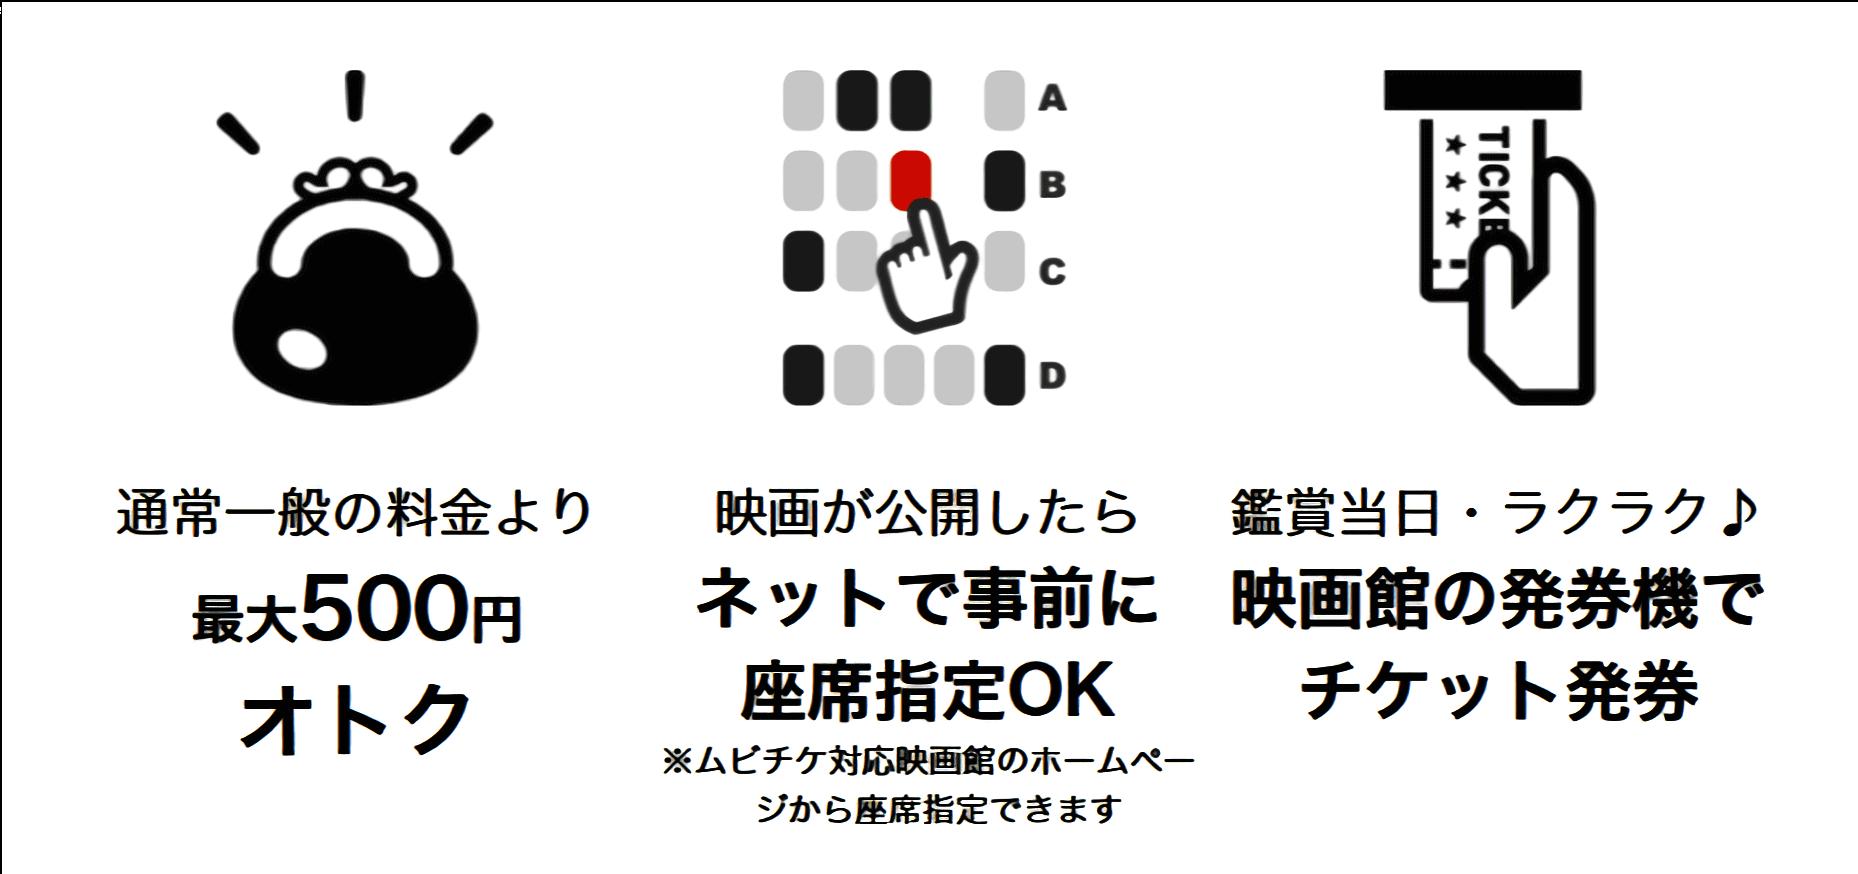 ムビチケ前売券(オンライン)プロモーションコードとは?